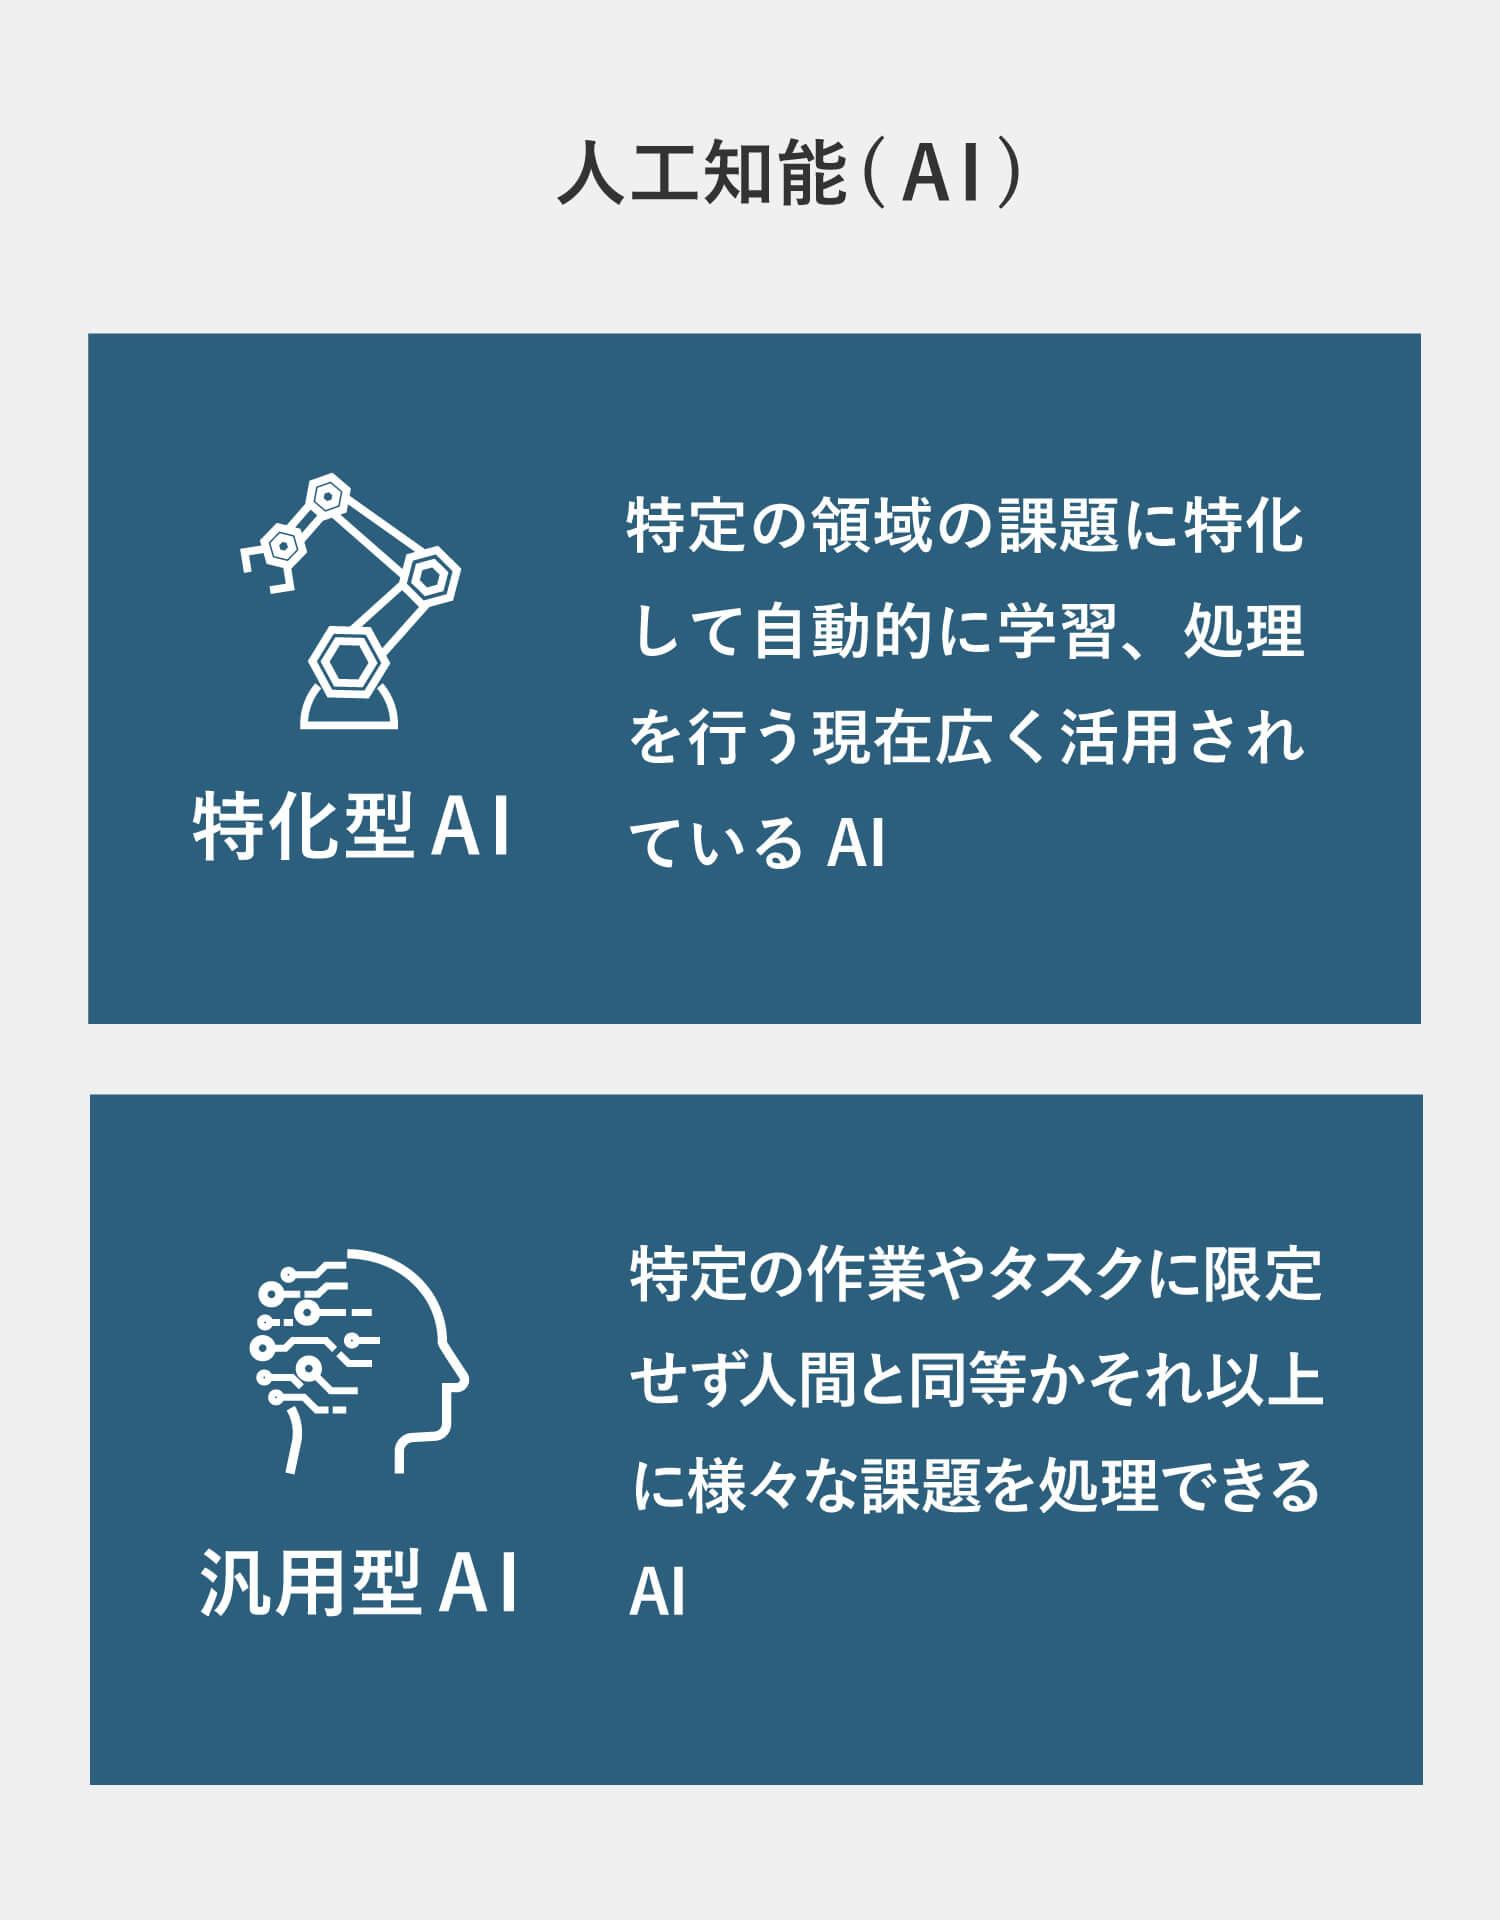 特化型AIと汎用型AIの関係